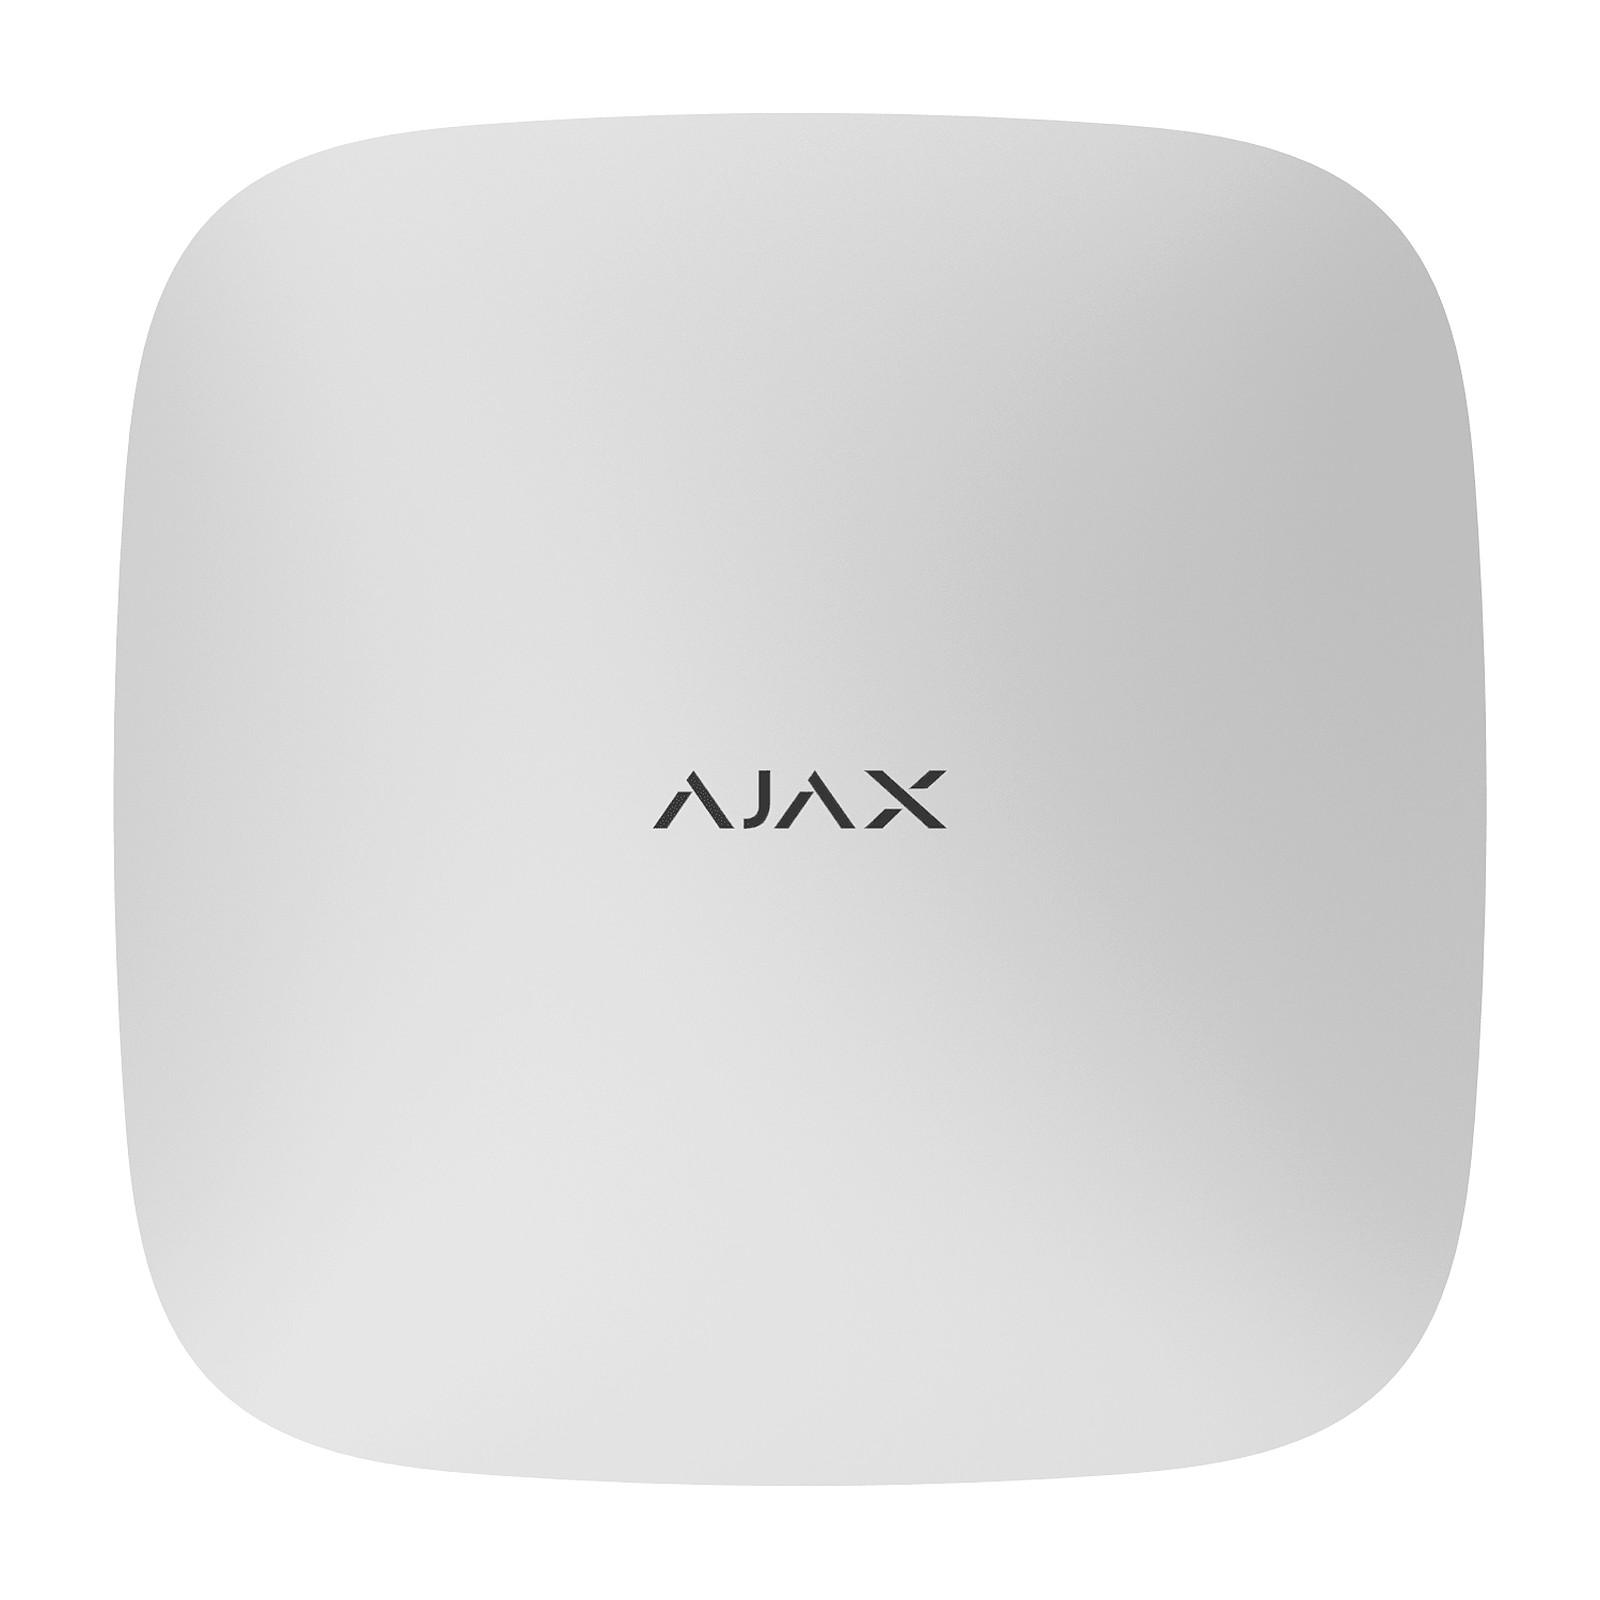 Détecteur d'inondation sans fil LeaksProtect - Blanc - Ajax